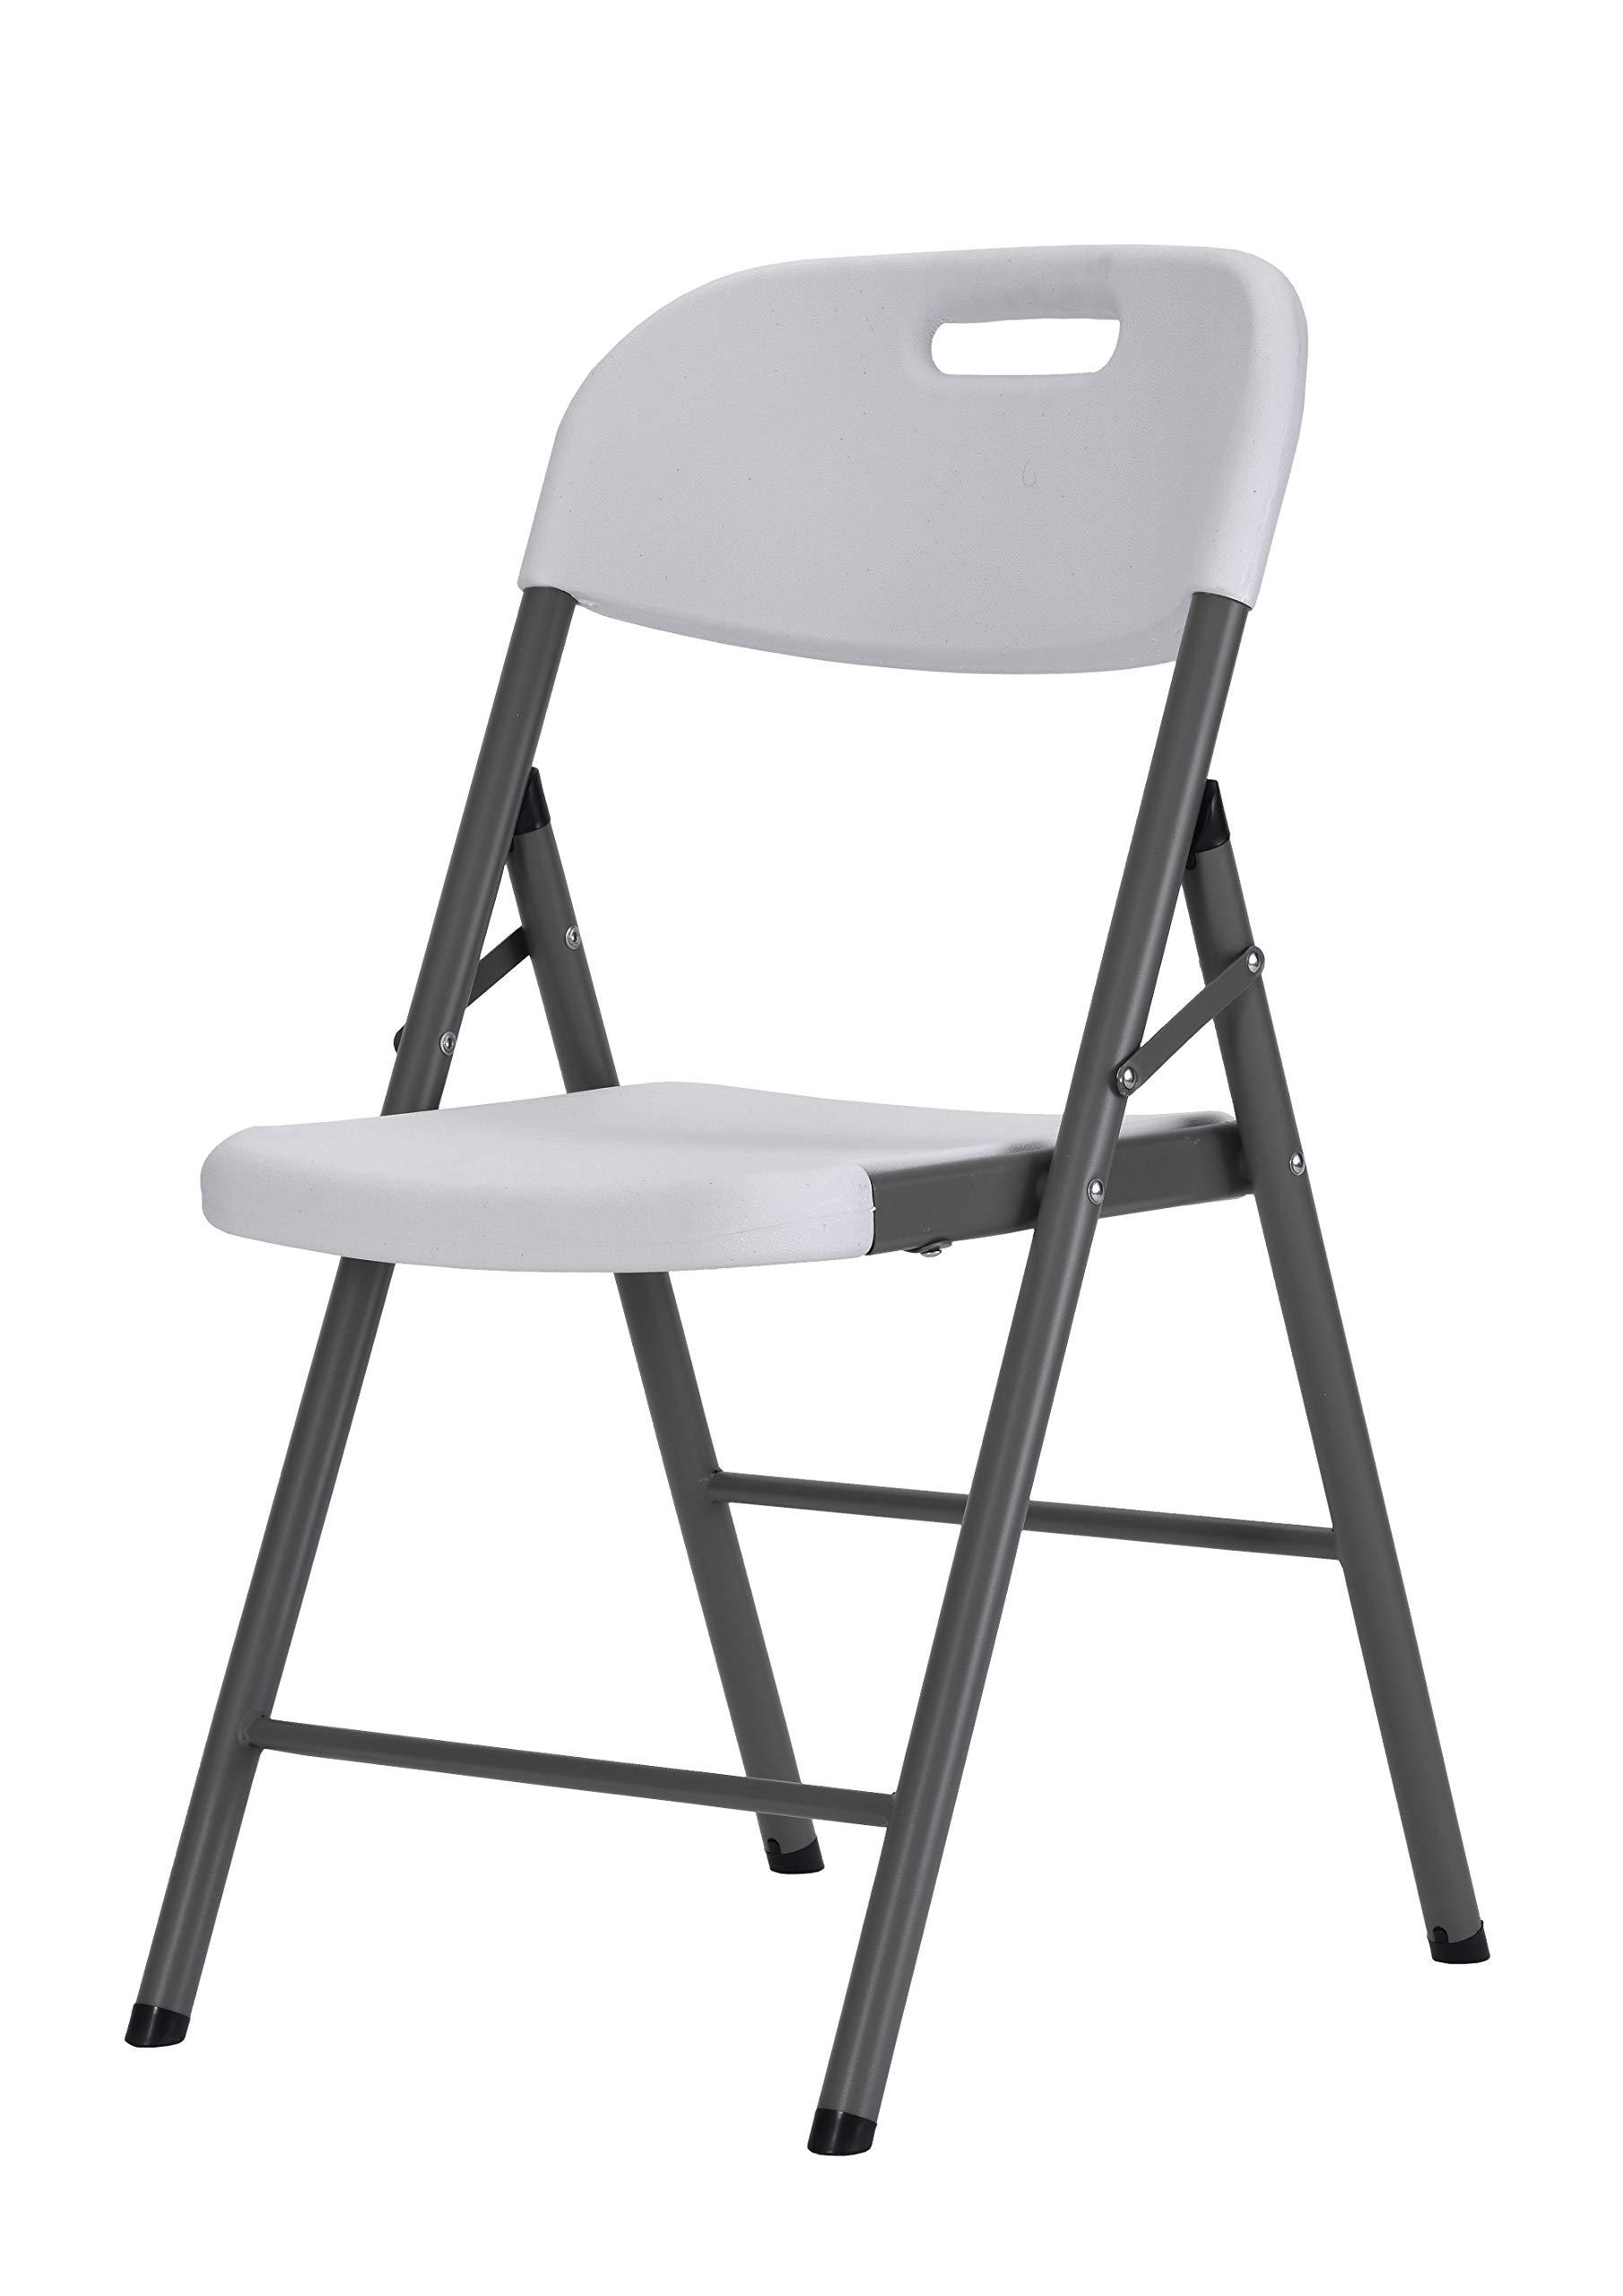 Sandusky Lee FPC182035-WV2 Resin Folding Chair, White (Pack of 4) by Sandusky